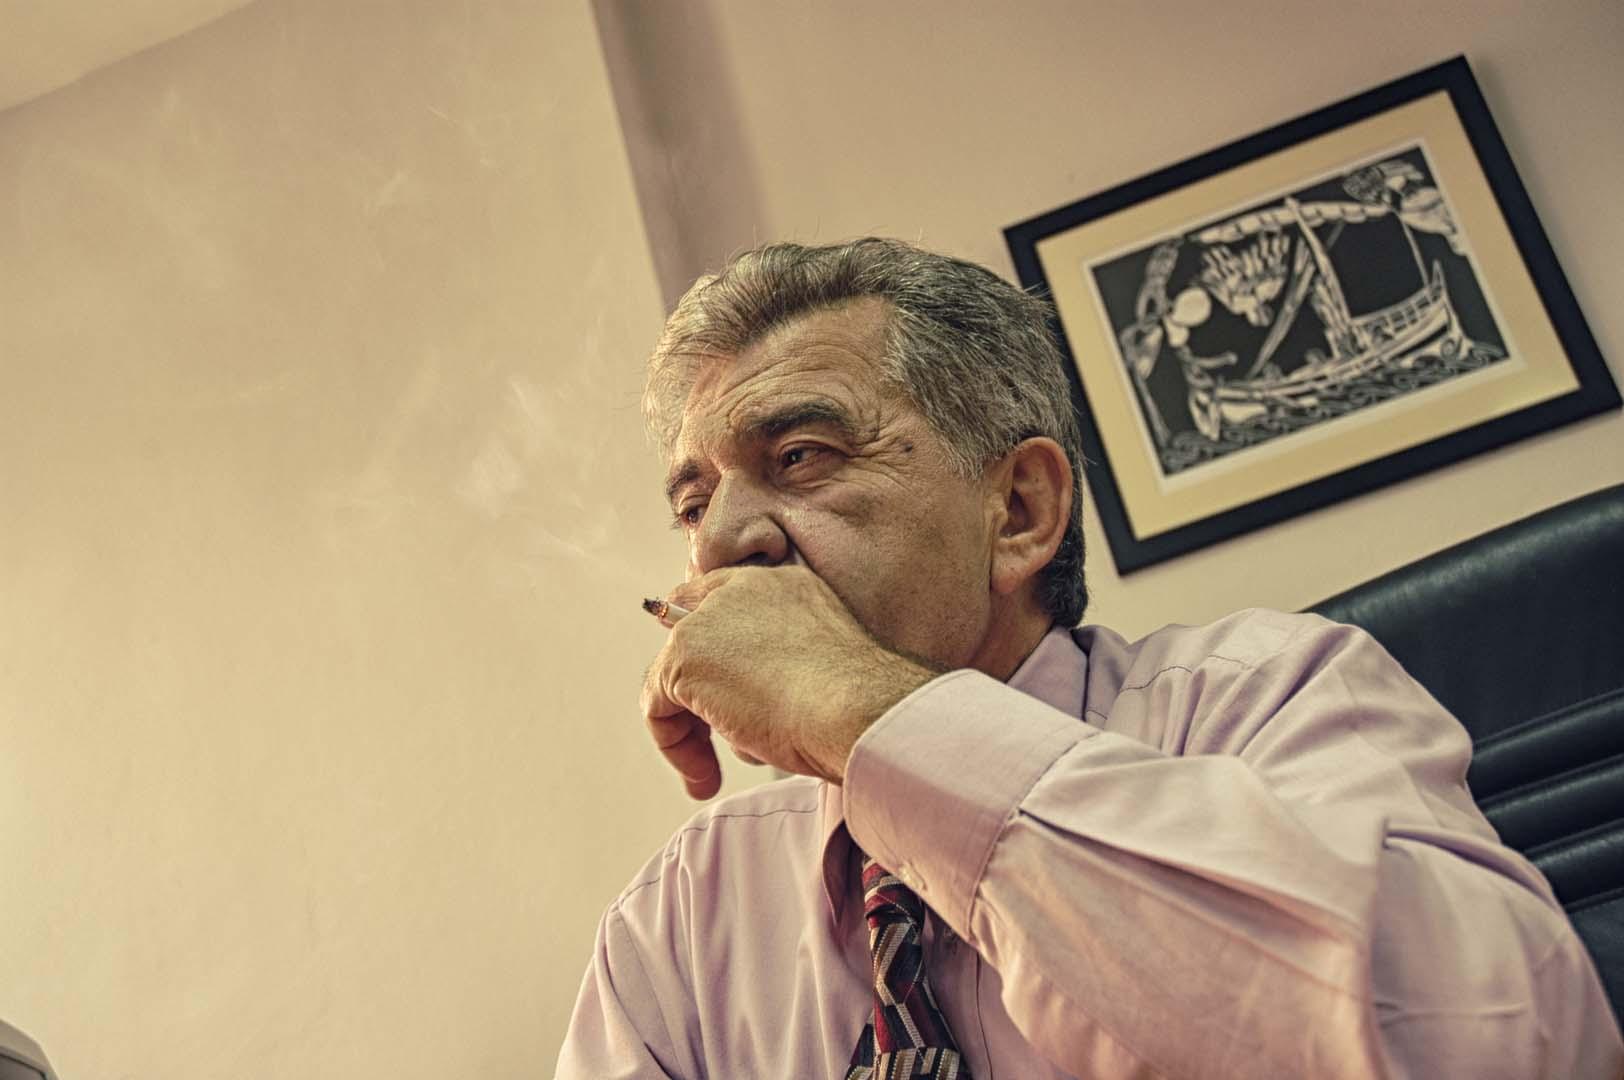 Yıkanmak istemeyen çocuklar olalım - Karşılıklı Çay Sigara yaptığım Güzel İnsan Ünsal Oskay Anısına